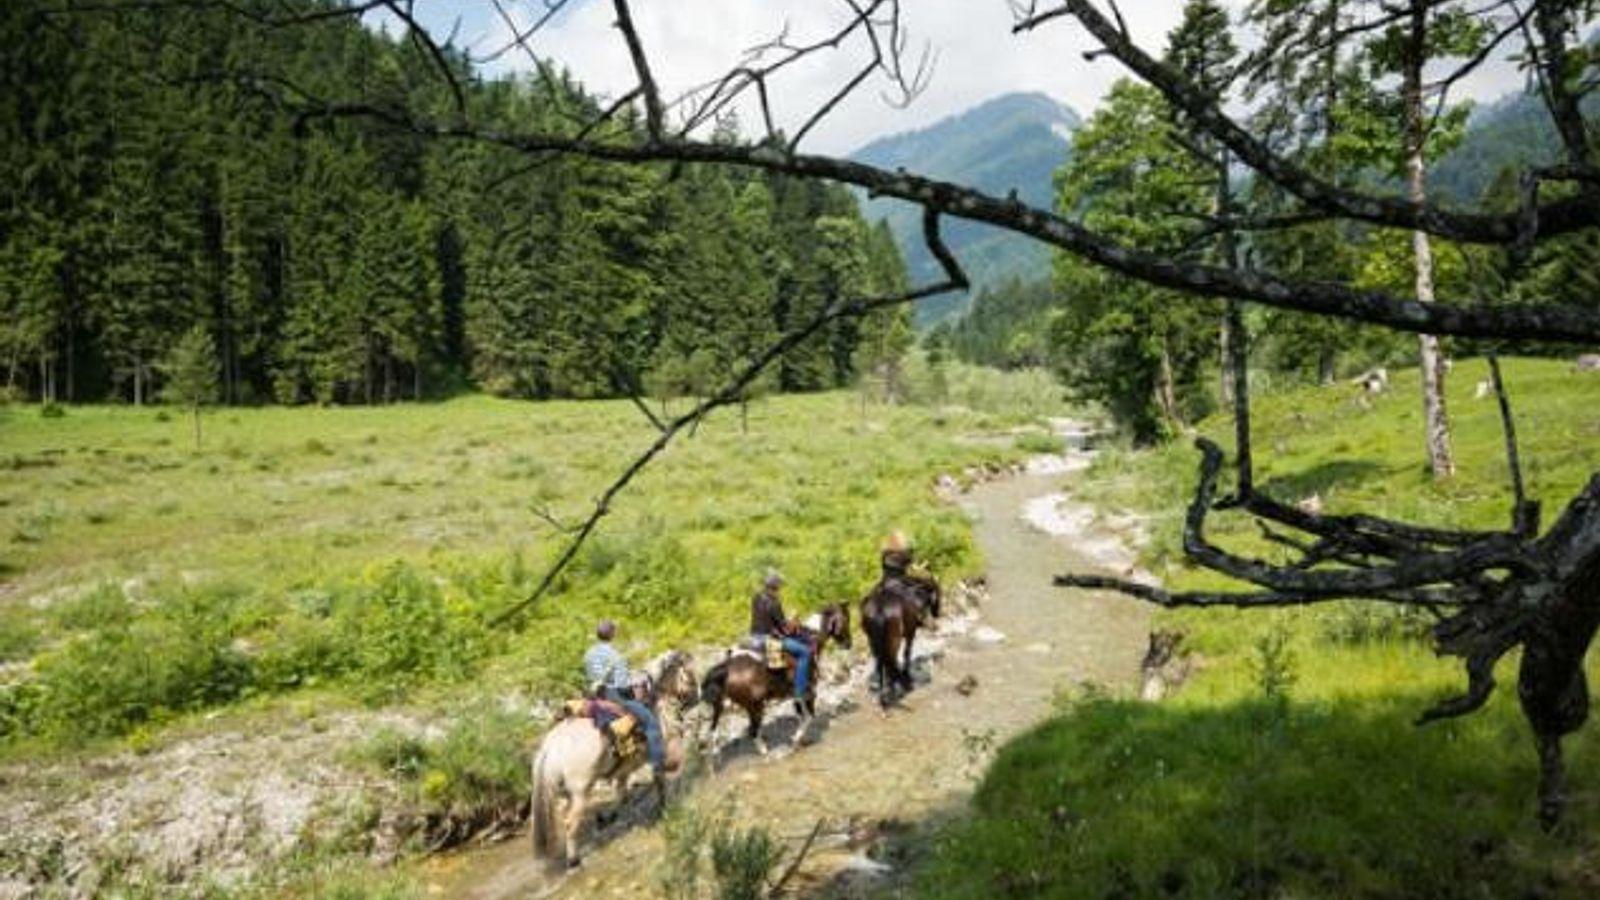 Auf dem Weg nach Oberammergau